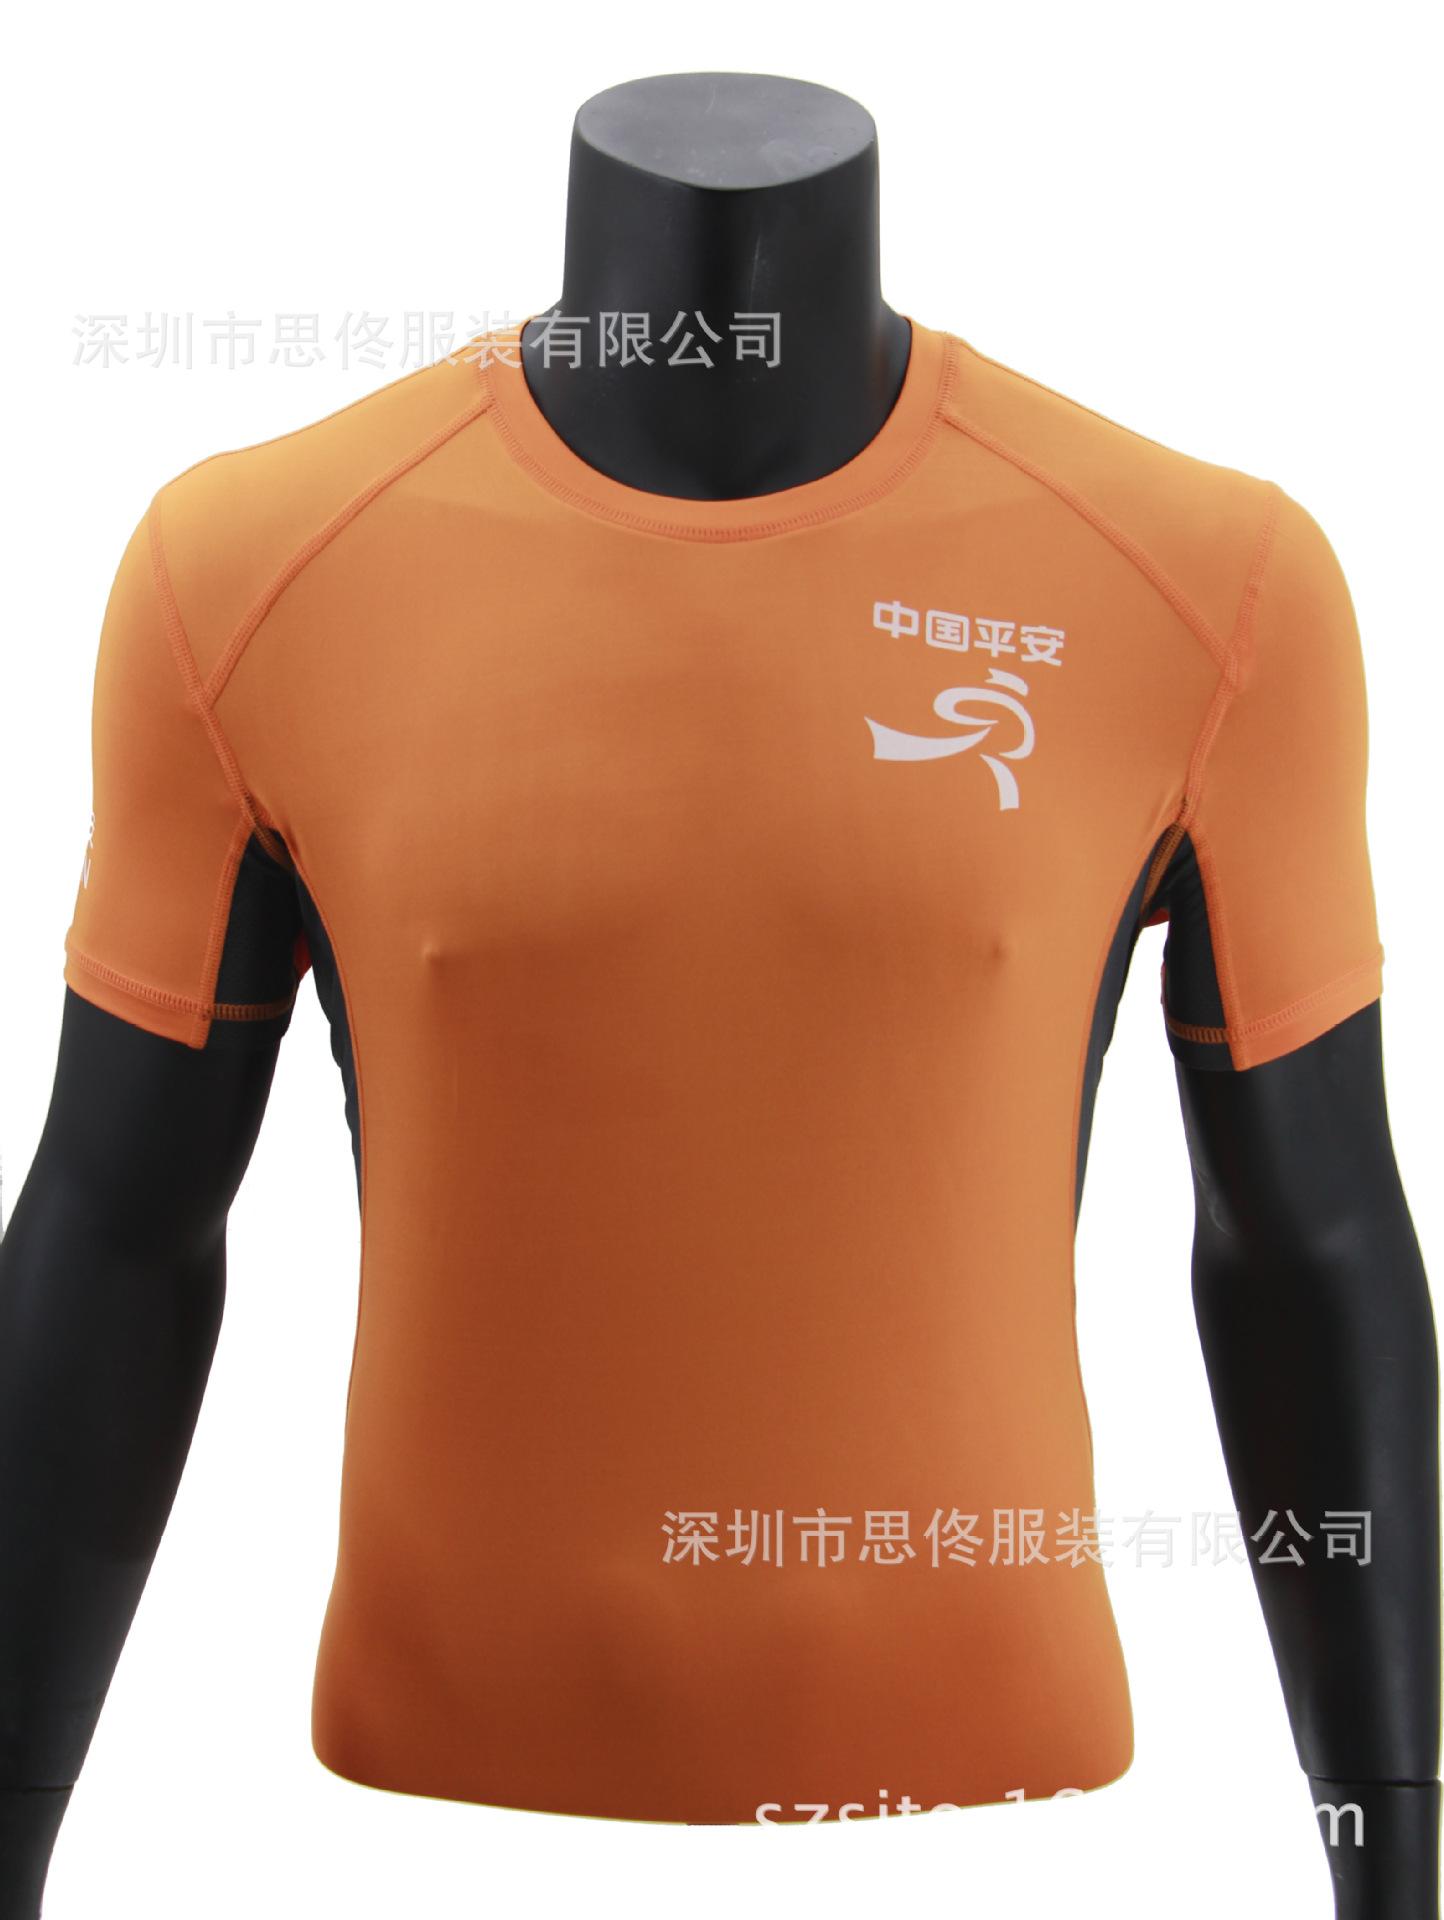 轻盈速干马拉松跑团T恤团体跑友订制中国平安跑团指定供应商